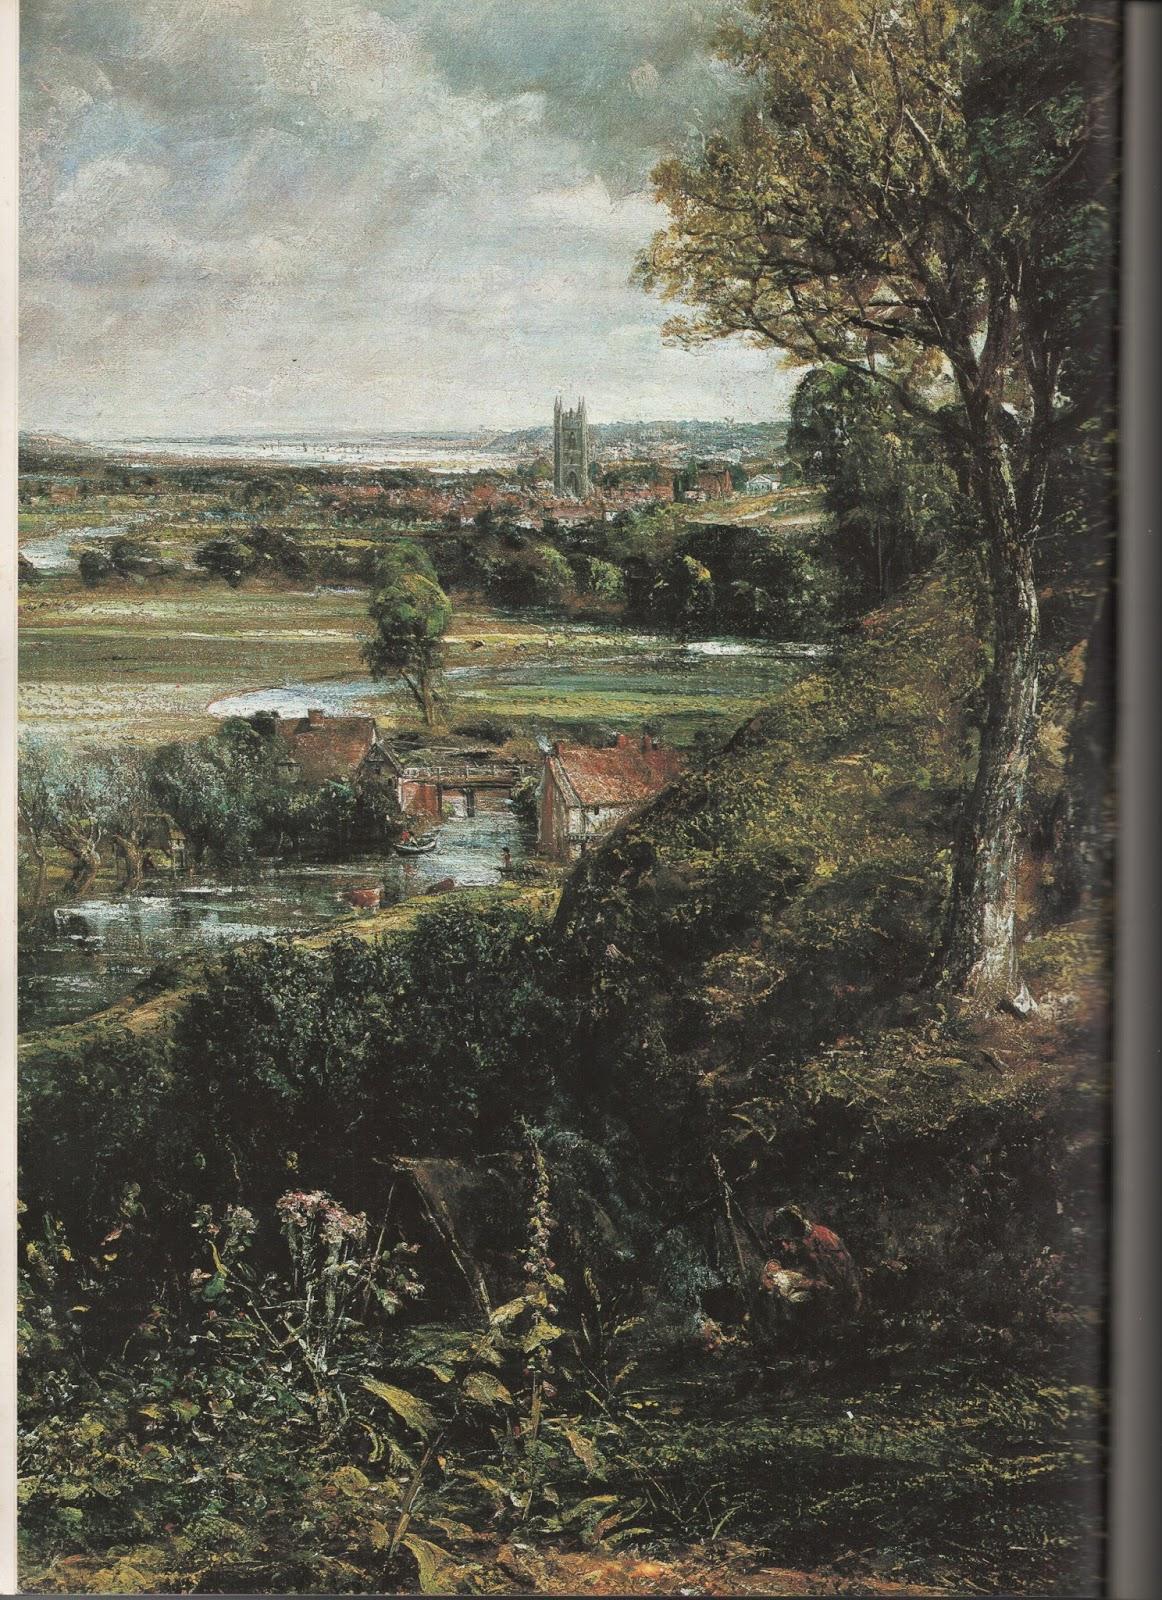 Schoonheid Van De Kunst John Constable Engels